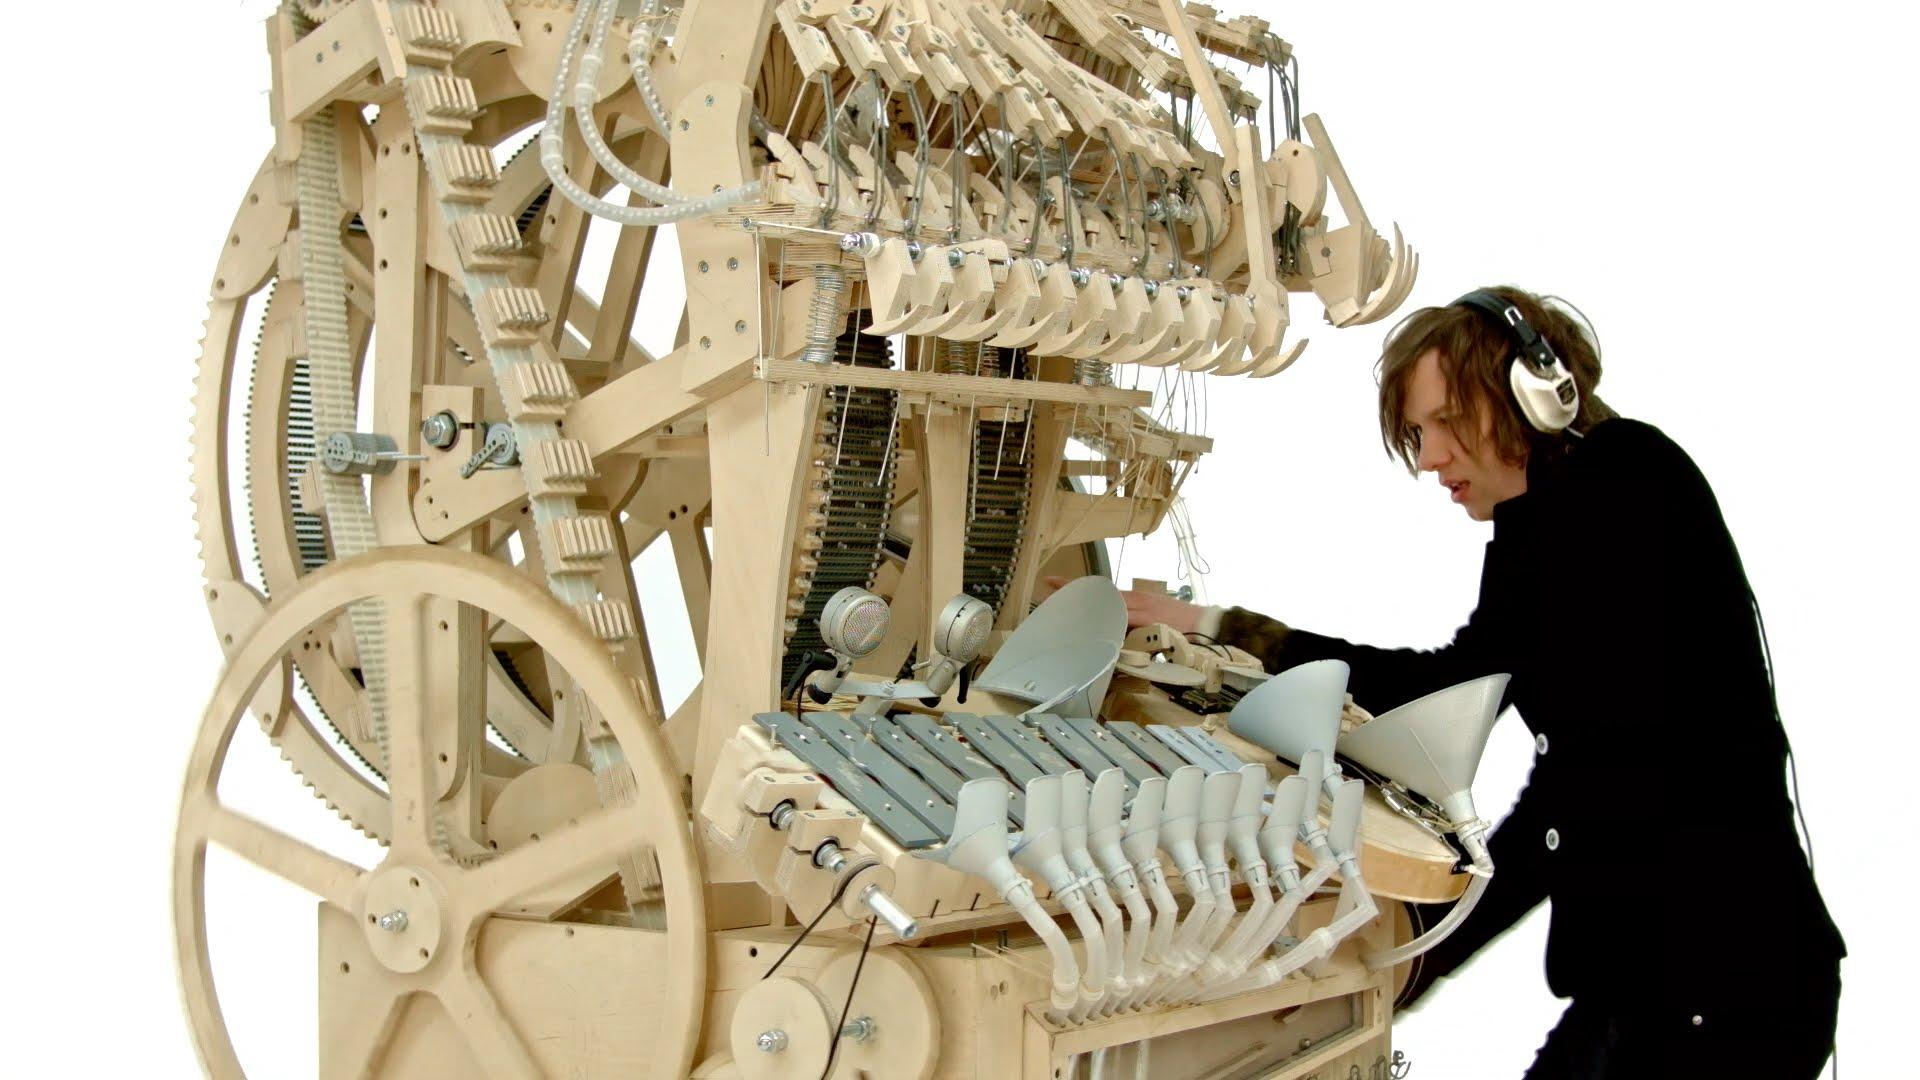 Zlatý ručičky! V jednom stroji celý orchestr!